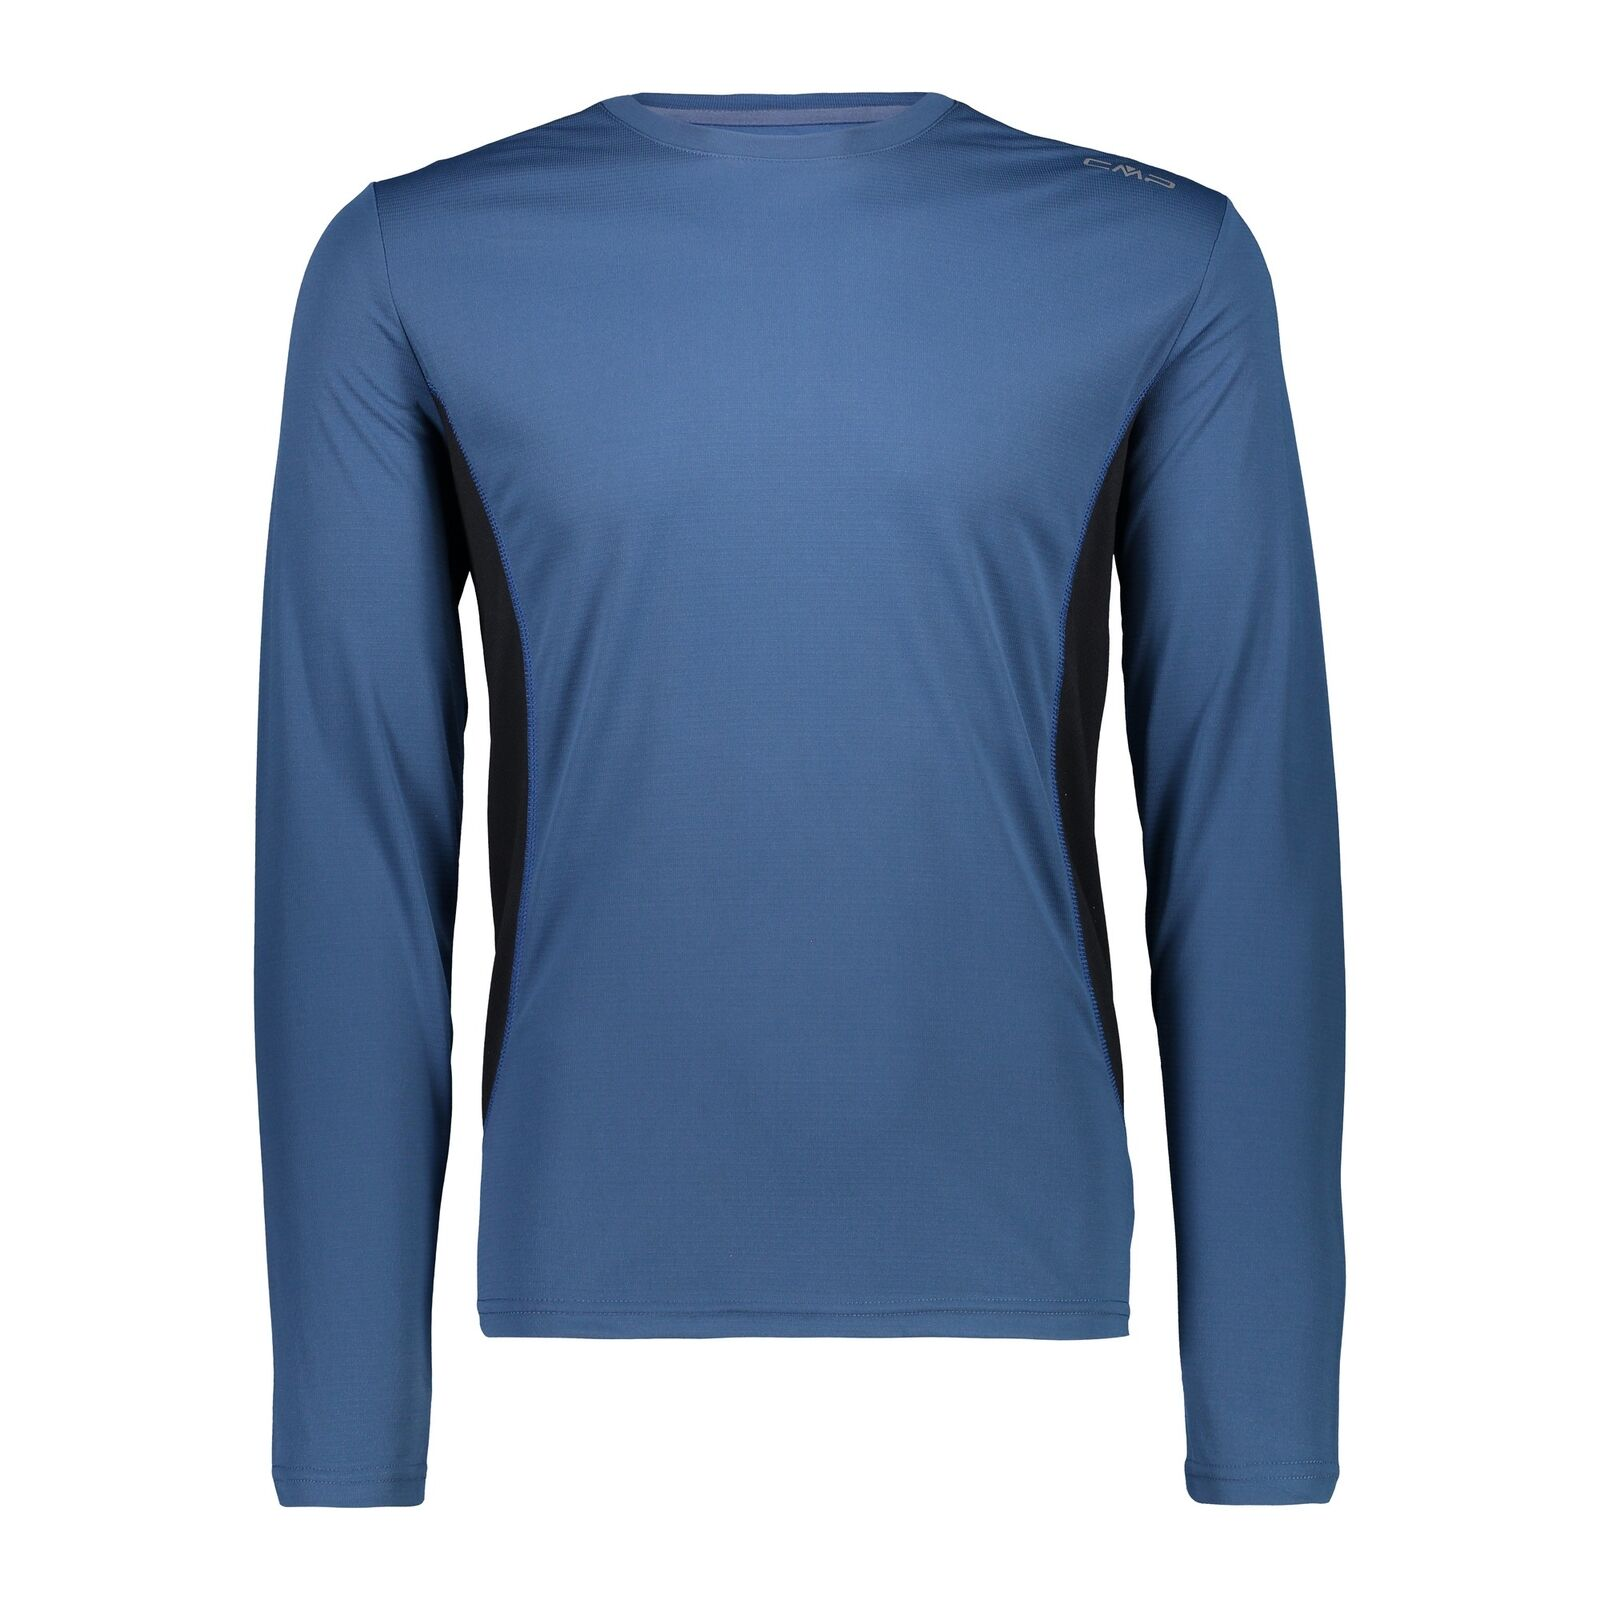 CMP Haut Fonctionnel Haut un Tee-Shirt Blau Respirant Antibactérien